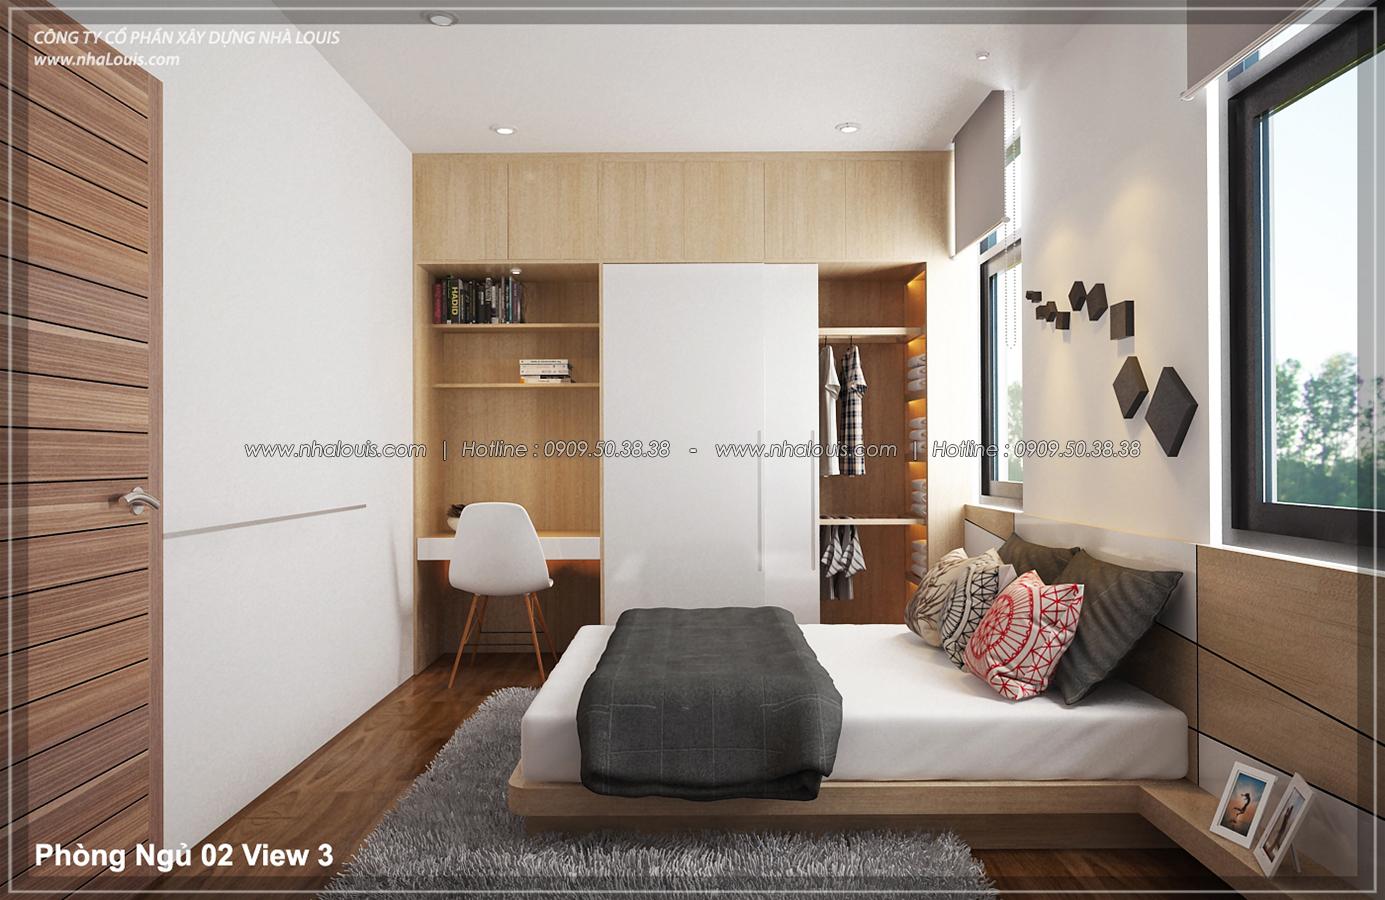 Thiết kế biệt thự 3 tầng đẹp đẳng cấp ngay tại dự án Lucasta Villa Quận 9 - 31